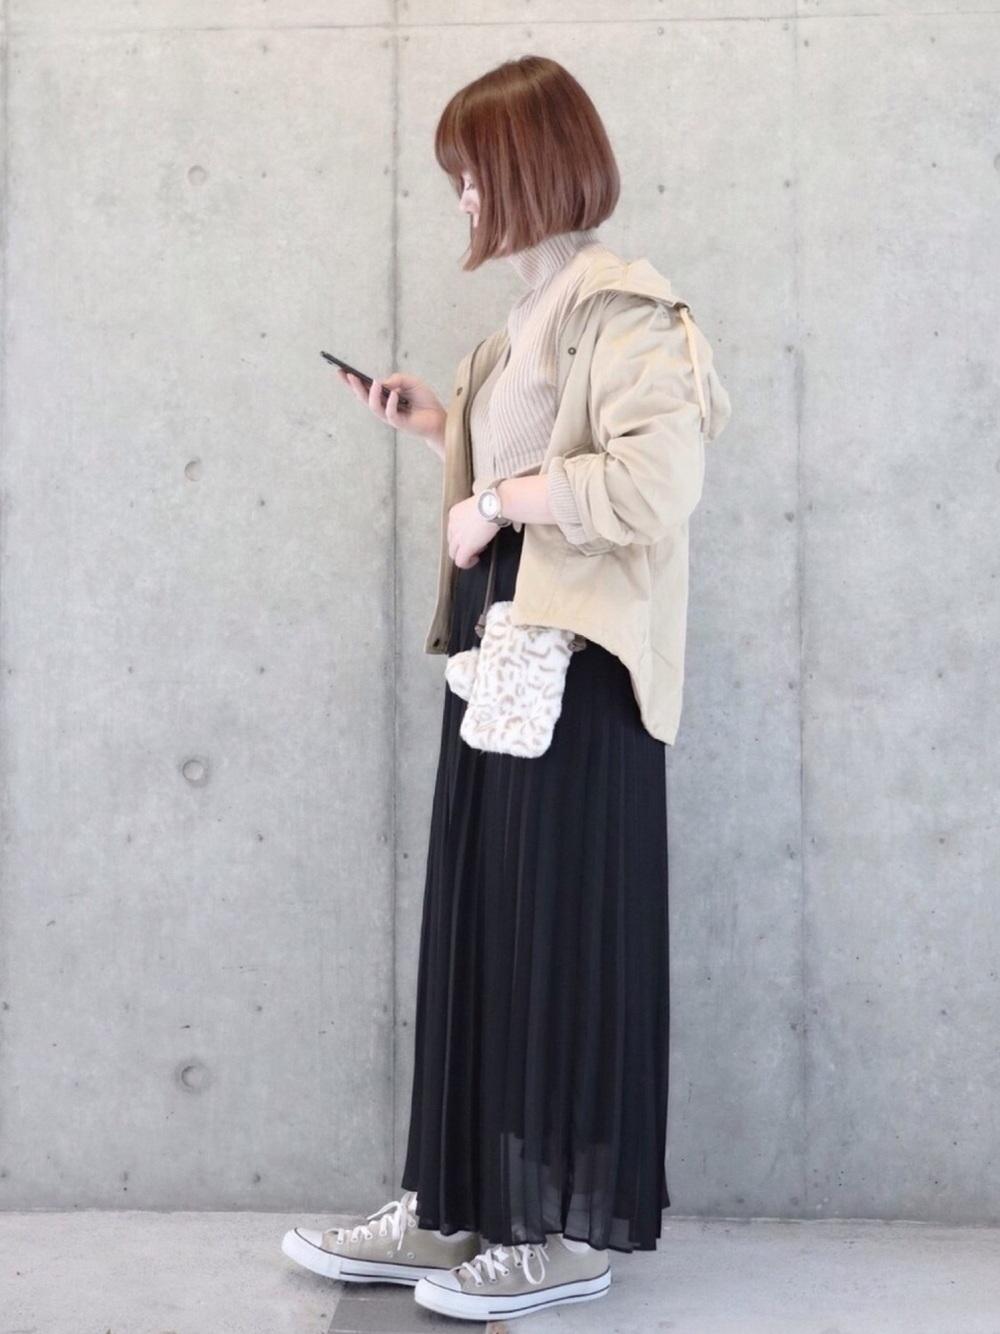 黒×ベージュスニーカーコーデ ladies-beige-sneakers-styles-with-black